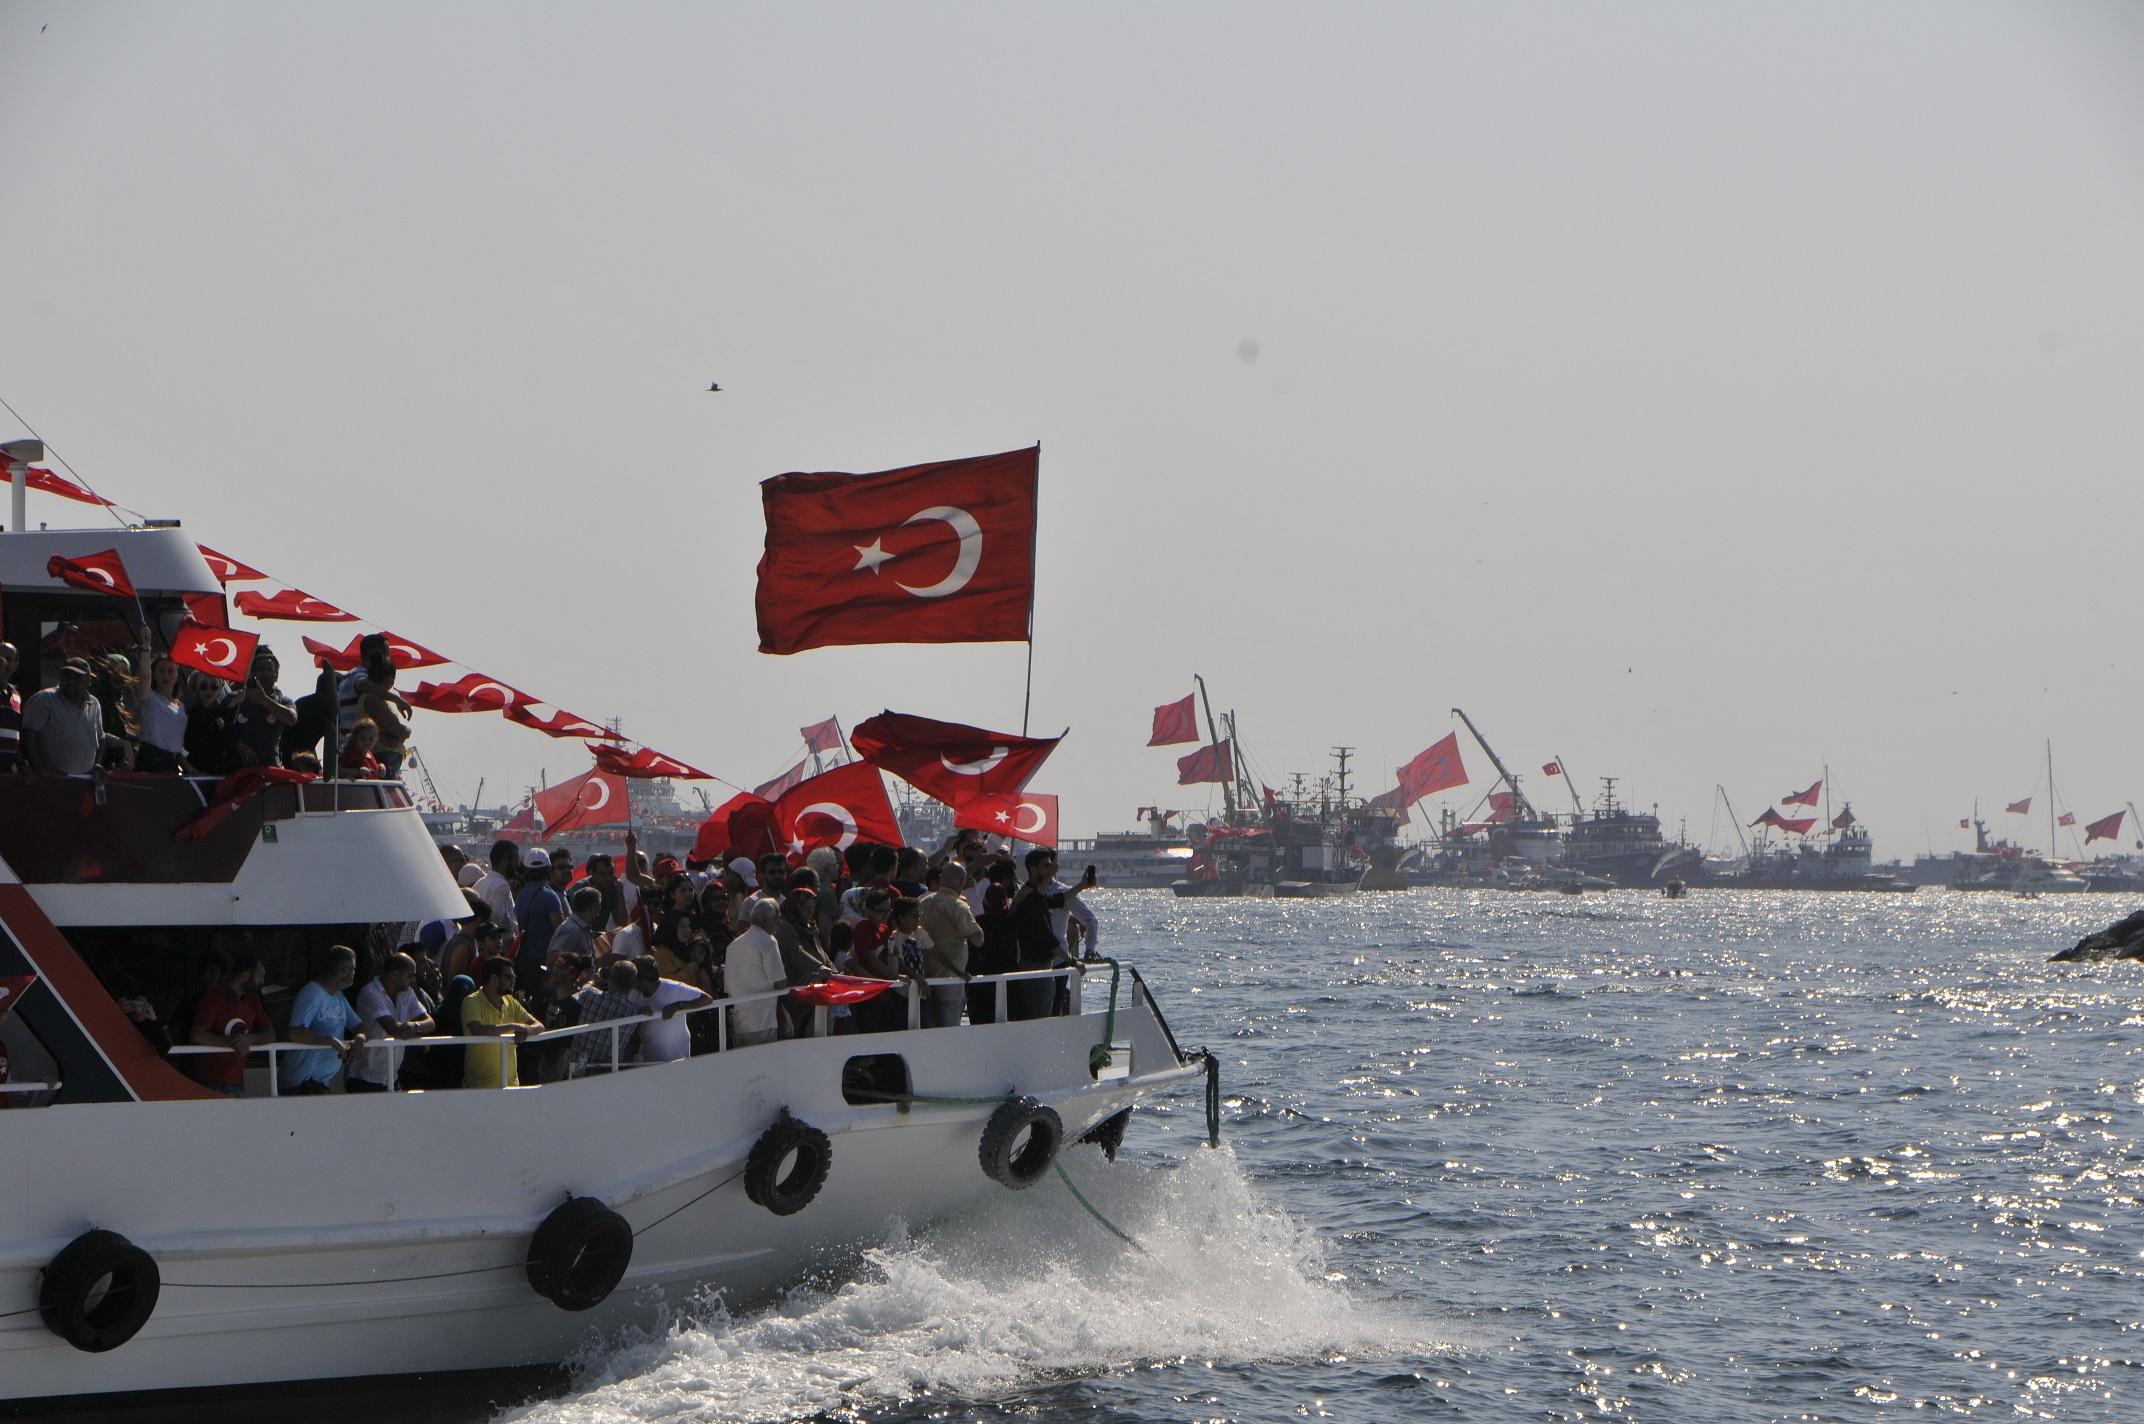 İSTANBUL ŞEHİR ÜNİVERSİTESİ'NDEN 15 TEMMUZ BİRLİK SEFERİ FOTOĞRAF SERGİSİ